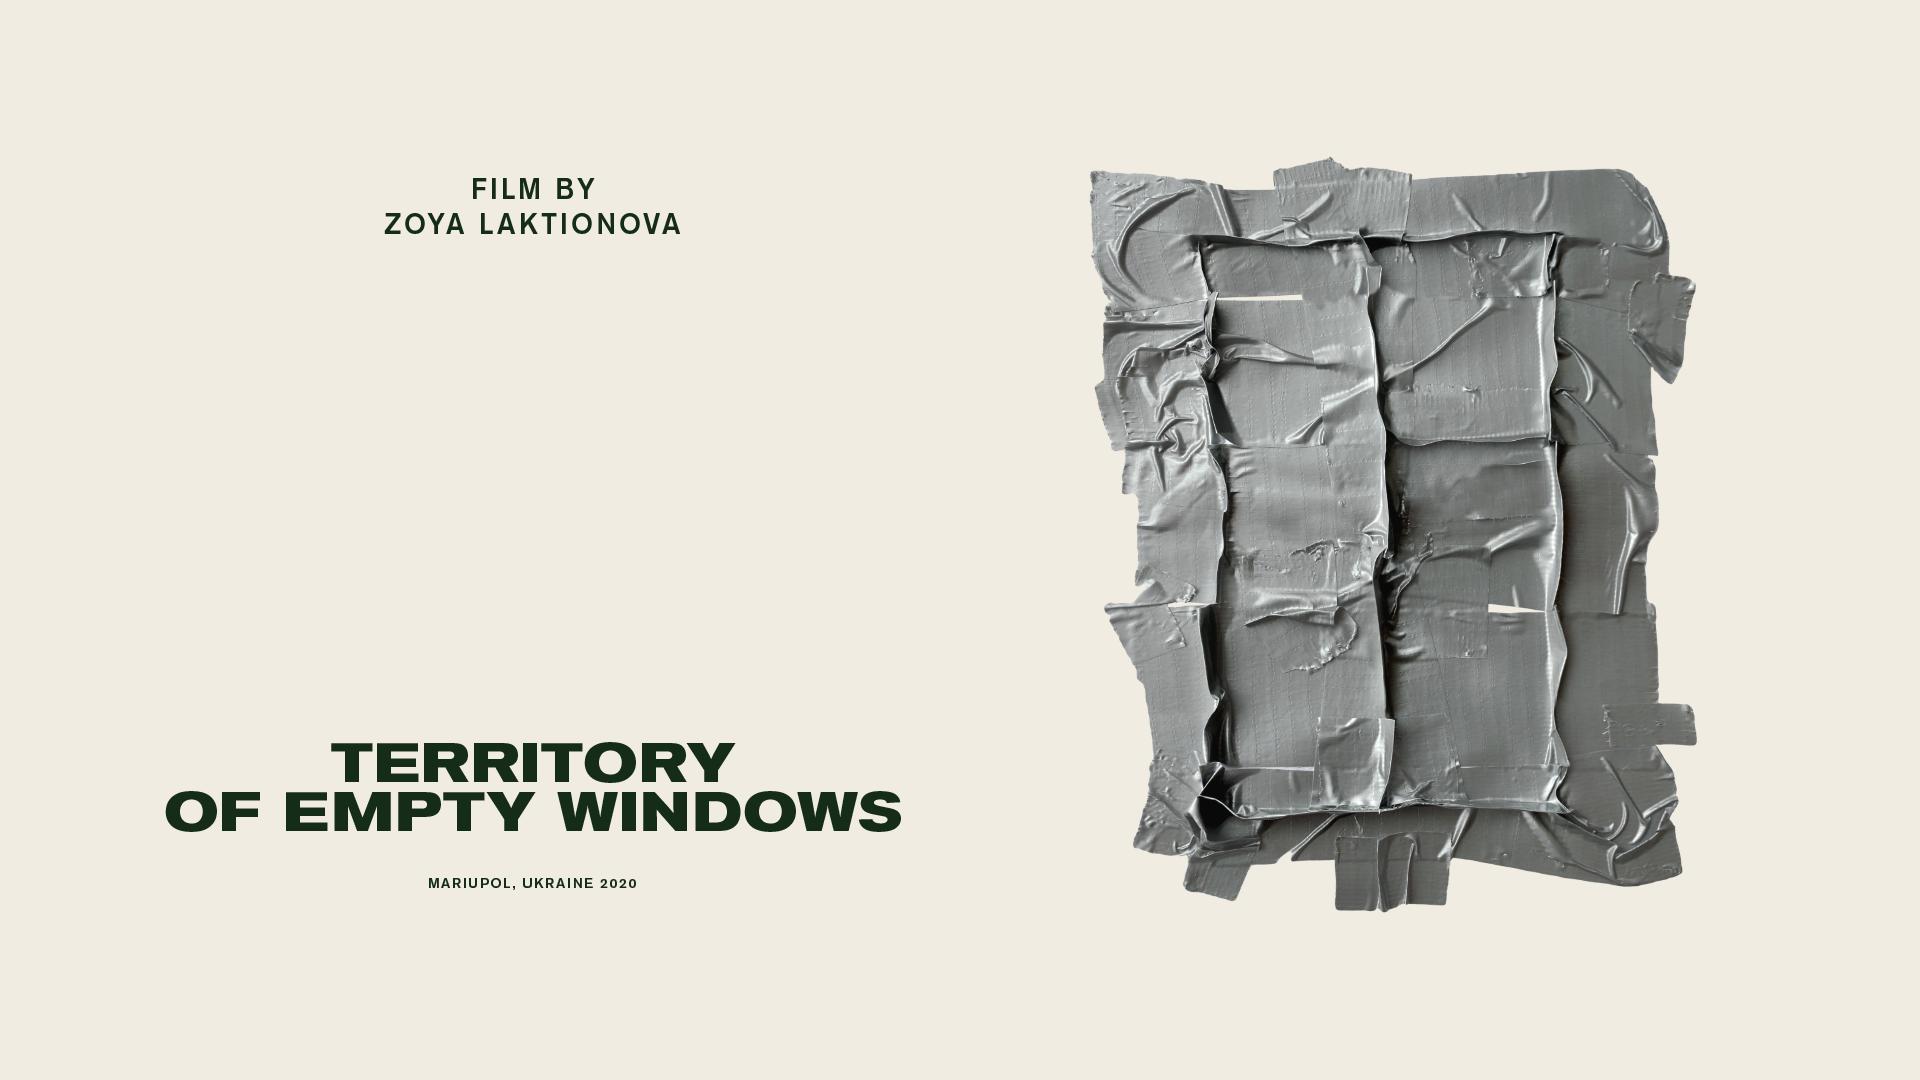 Постер до фільму «Територія пустих вікон», реж. Зоя Лактіонова, 2020